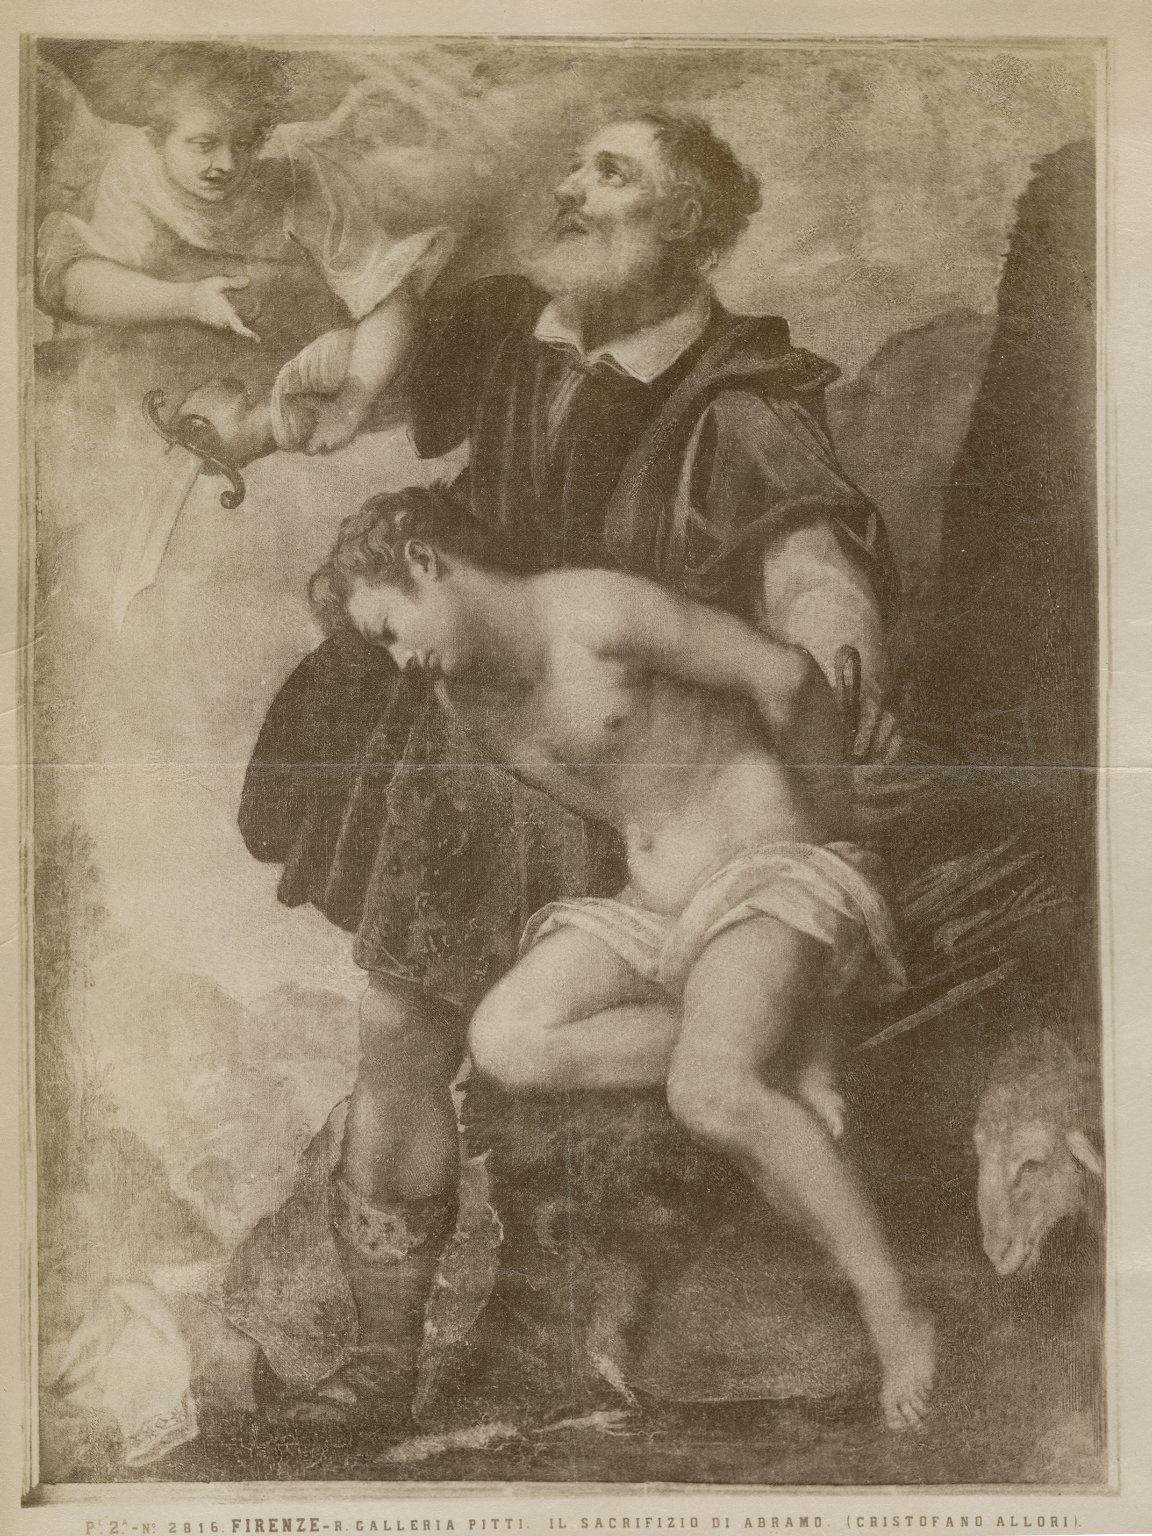 Sacrificio d'Abramo, by Allori